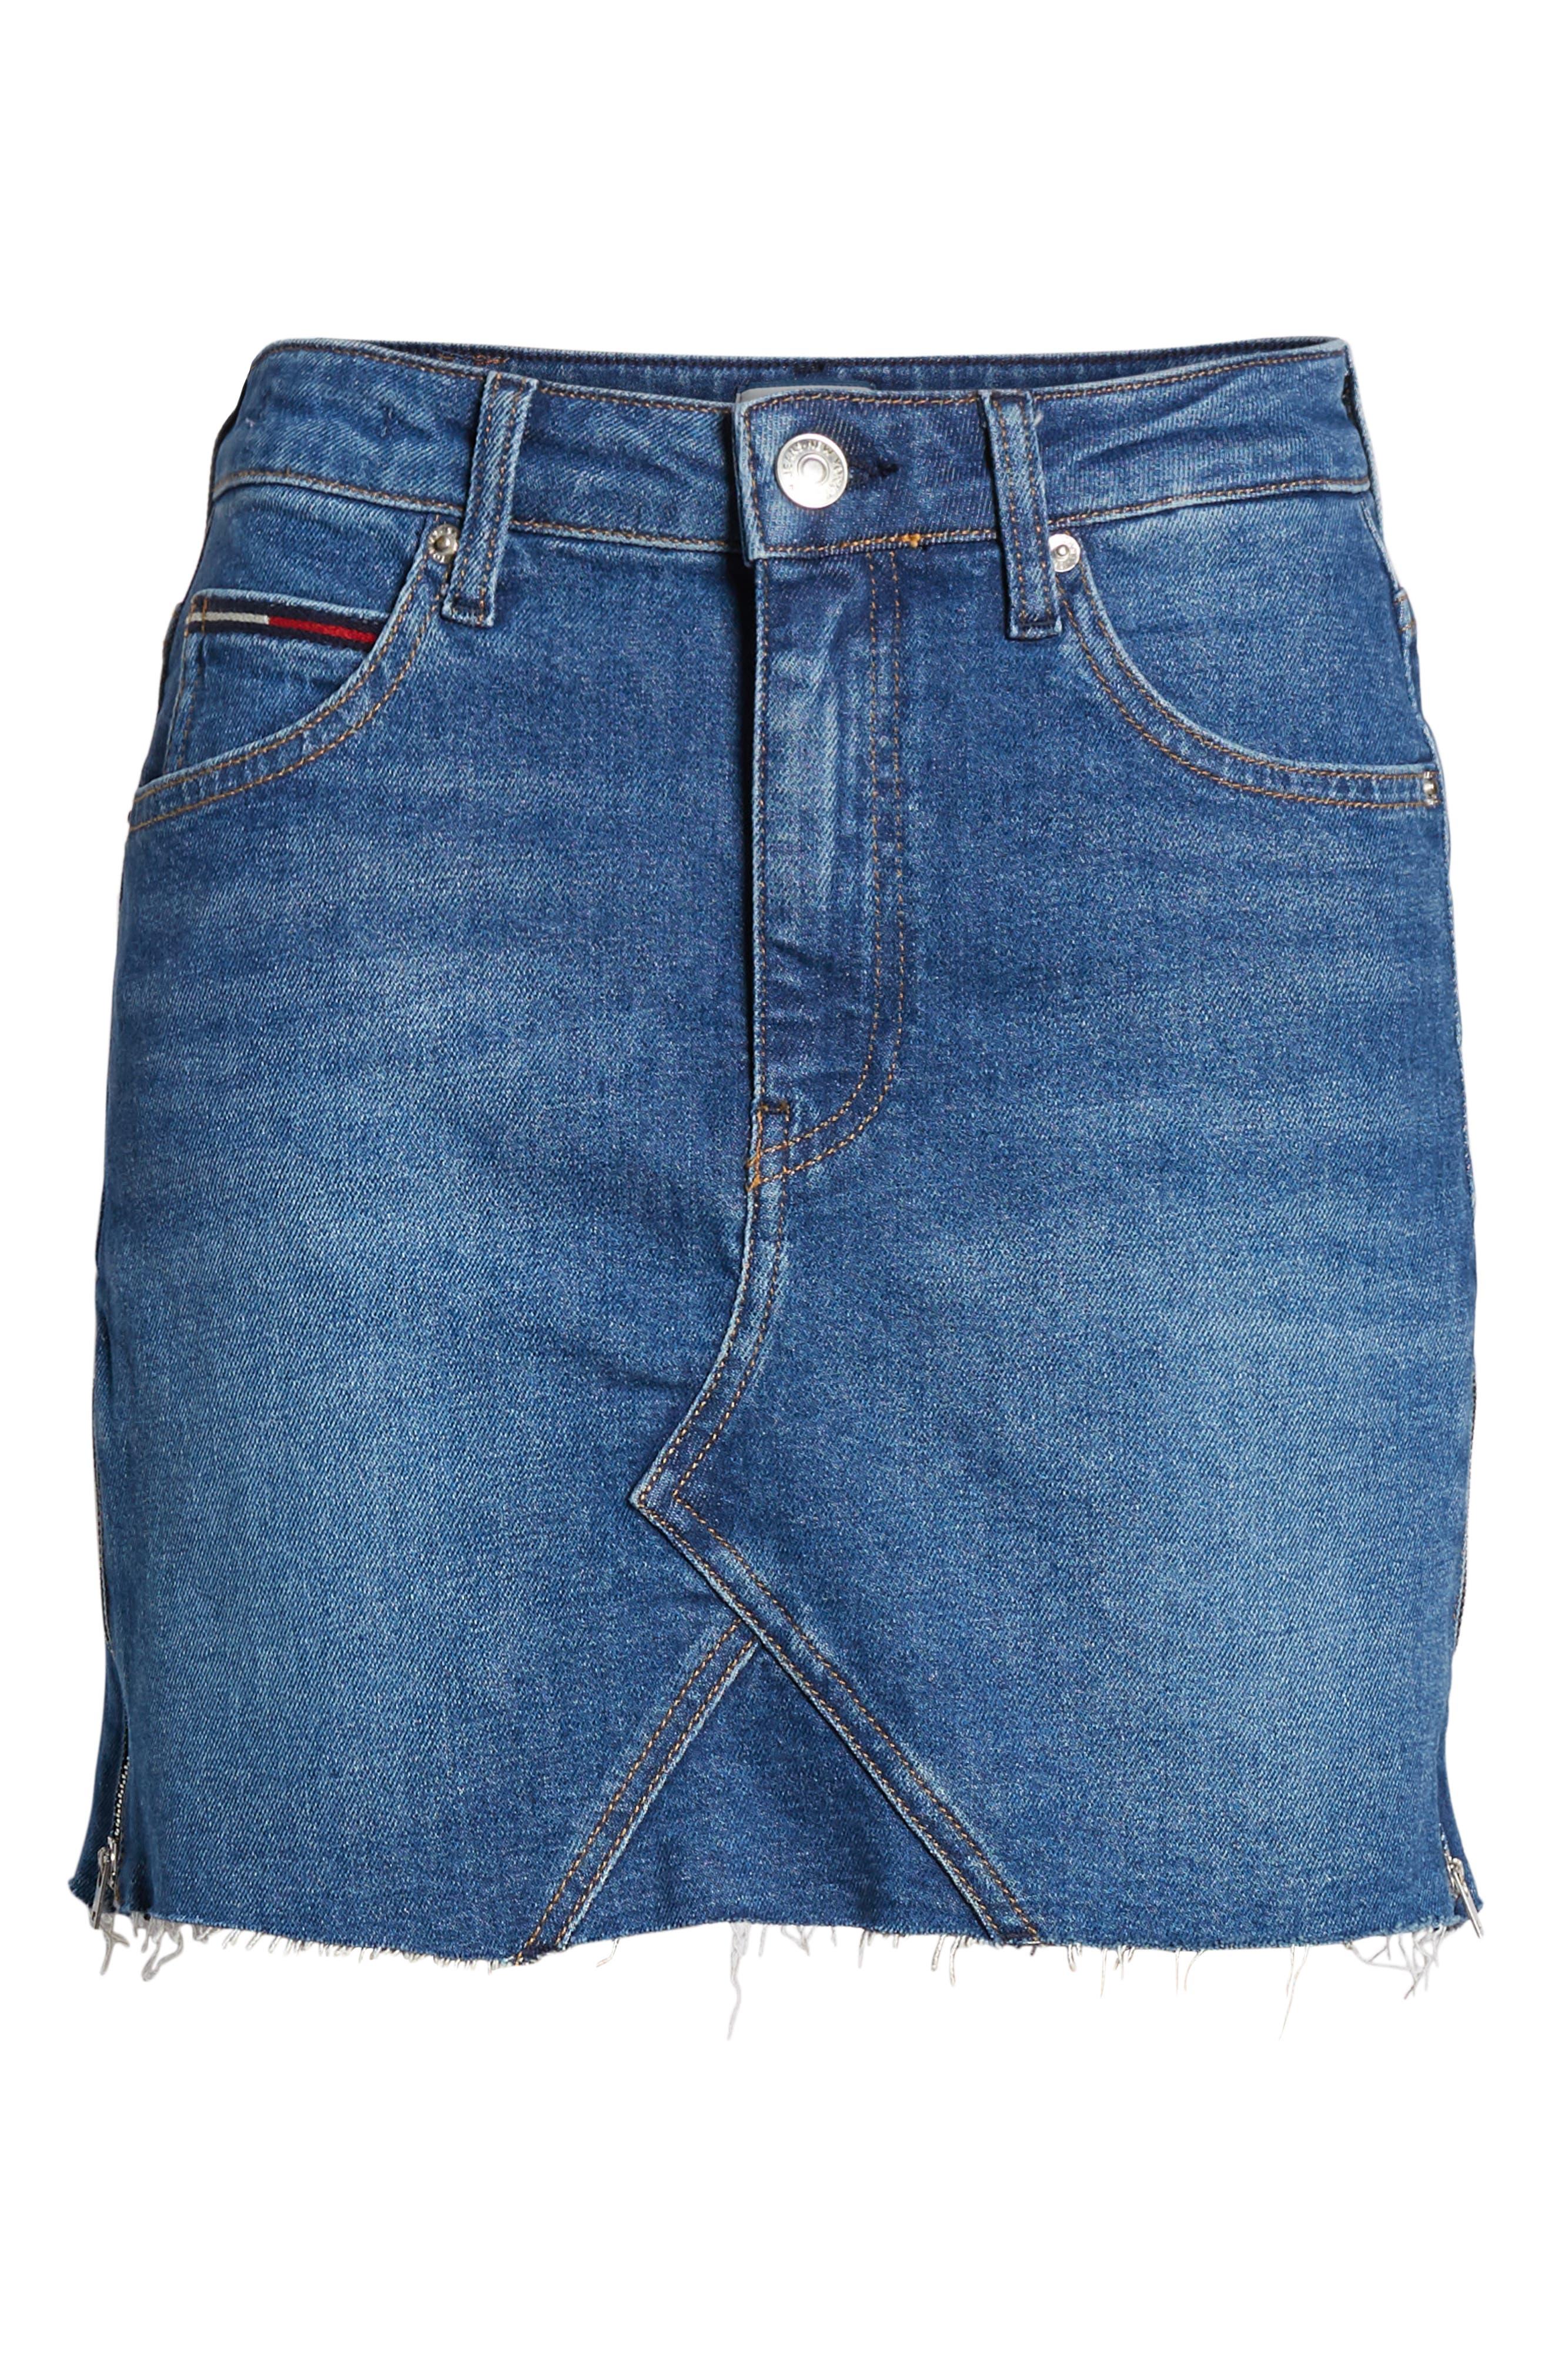 Denim Skirt,                             Alternate thumbnail 7, color,                             BIKER MID BLUE COMFORT